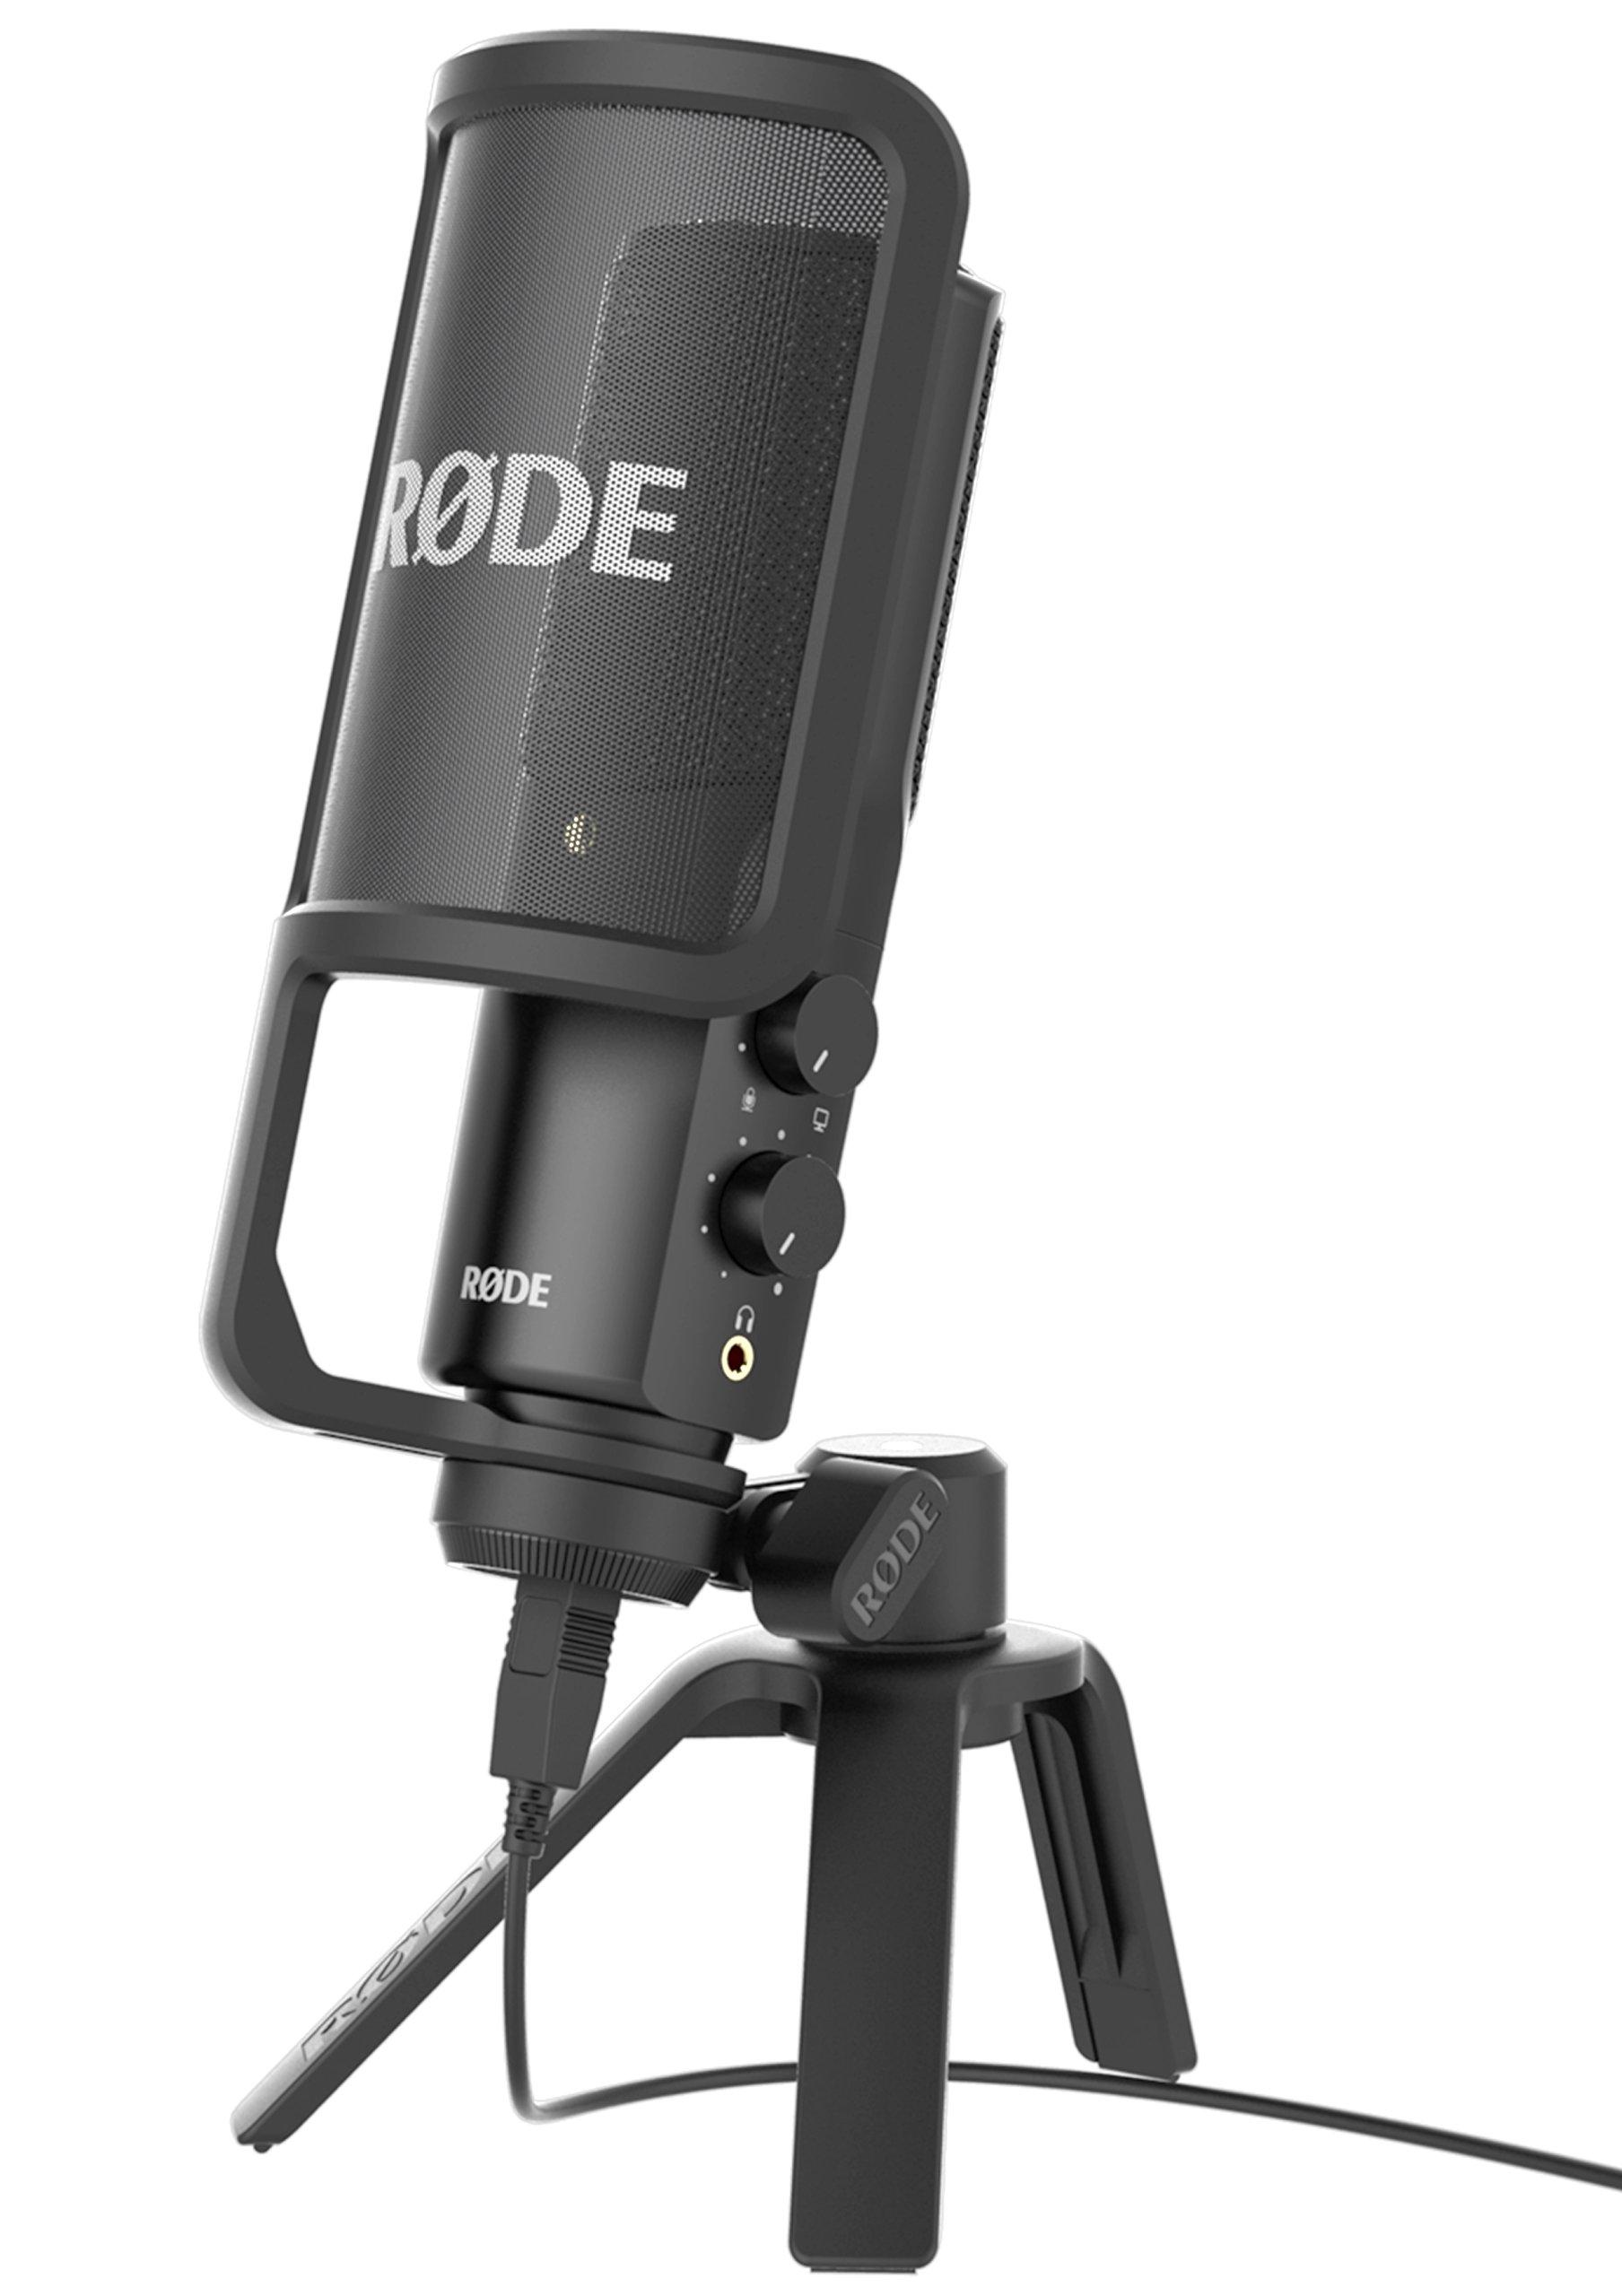 Rode NT-USB Microfono a Condensatore con Filtro Anti-pop e Supporto da  Tavolo 225714697367